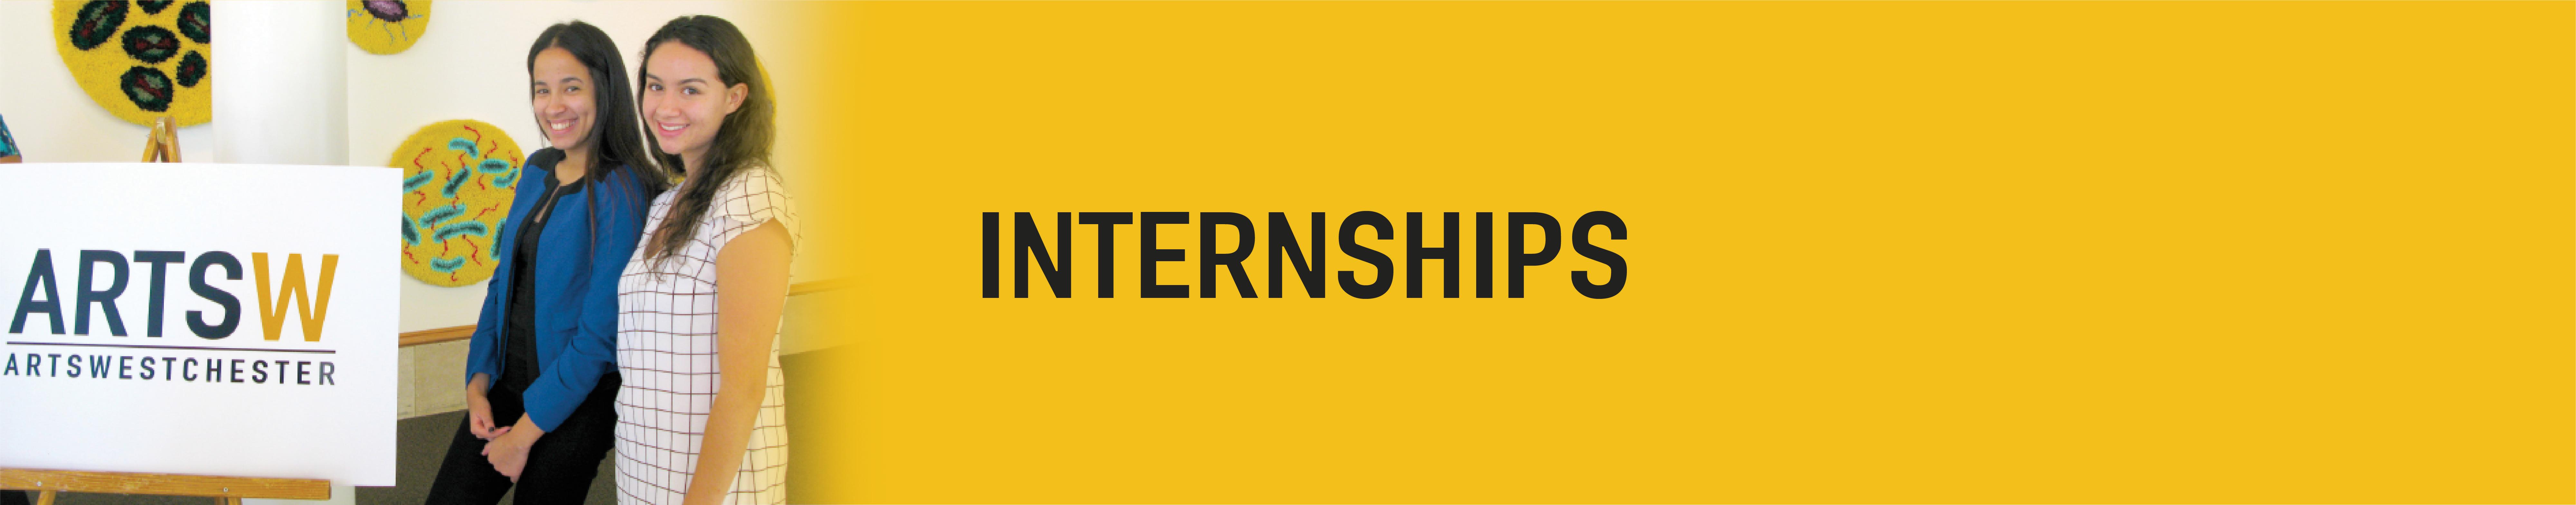 Internships | ArtsWestchester